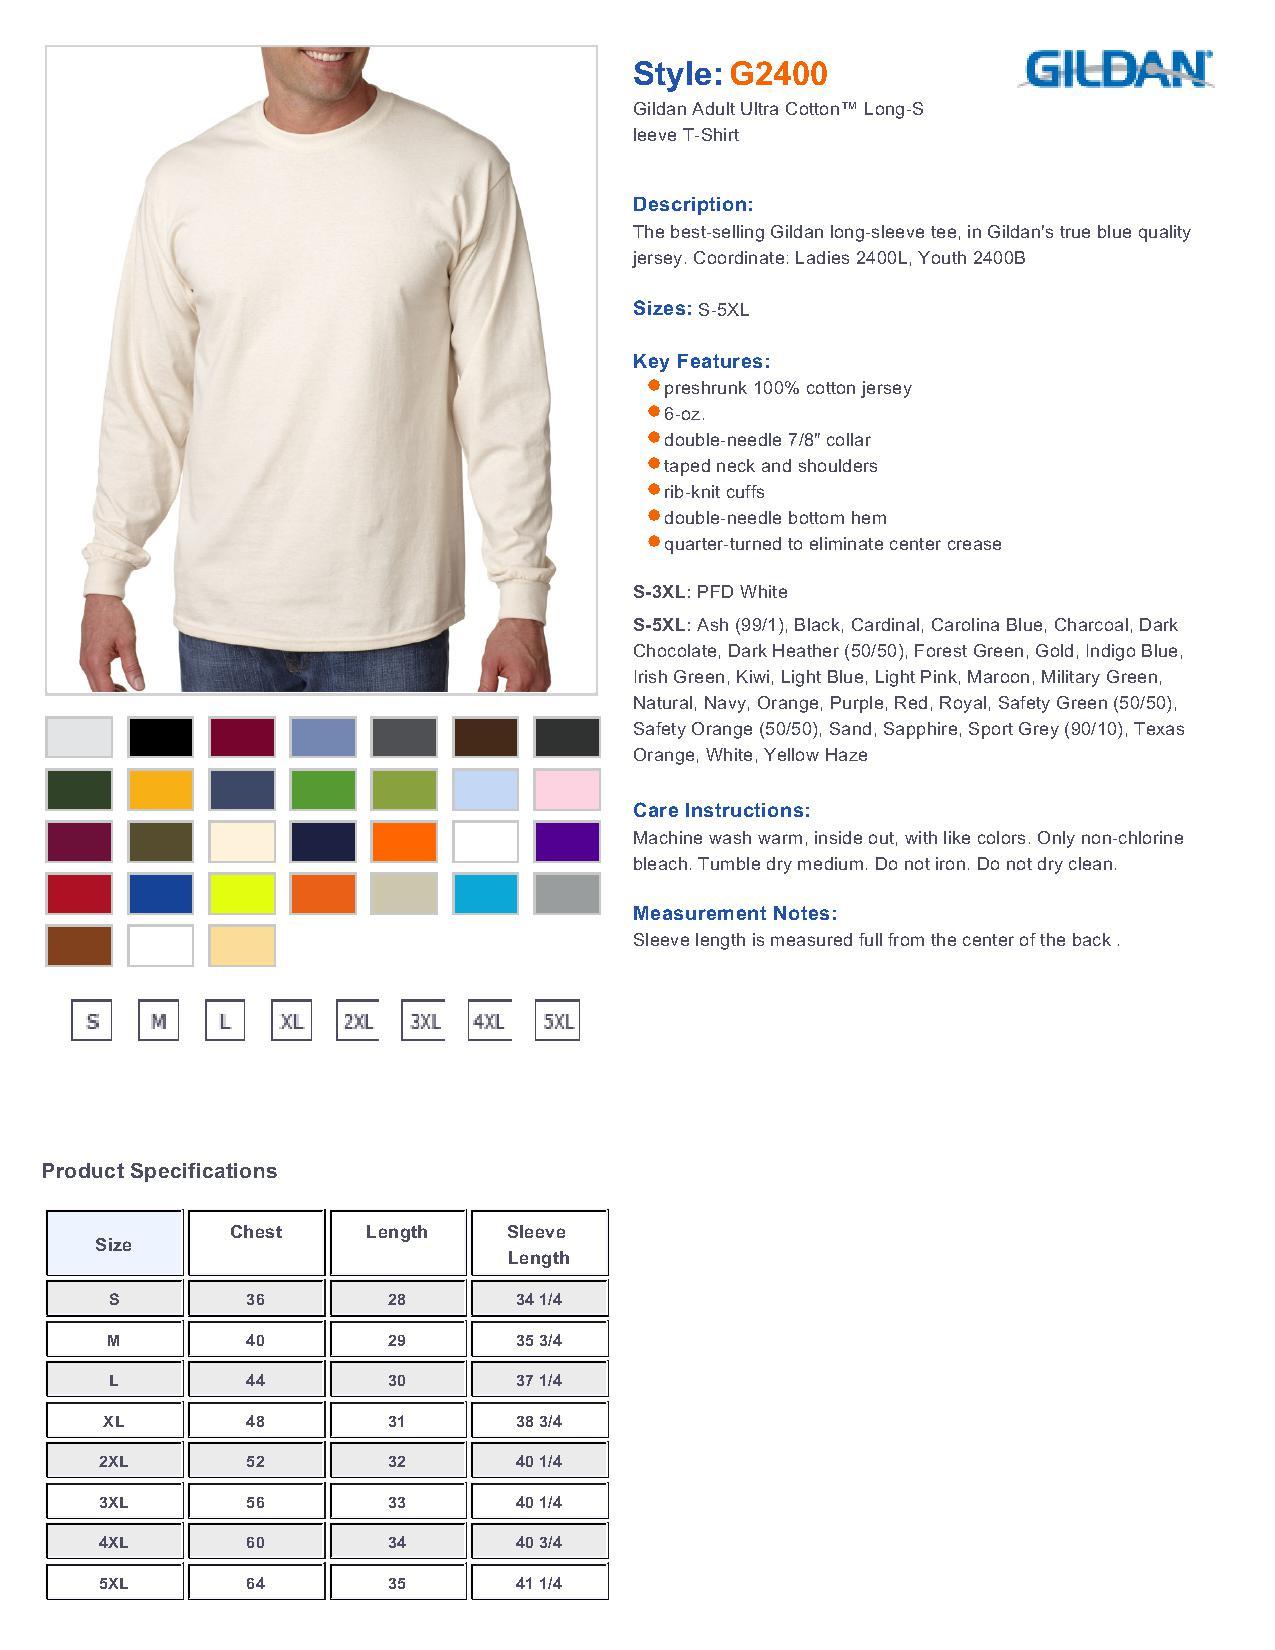 Gildan ultra cotton long sleeve t shirt size chart for Gildan t shirt size chart